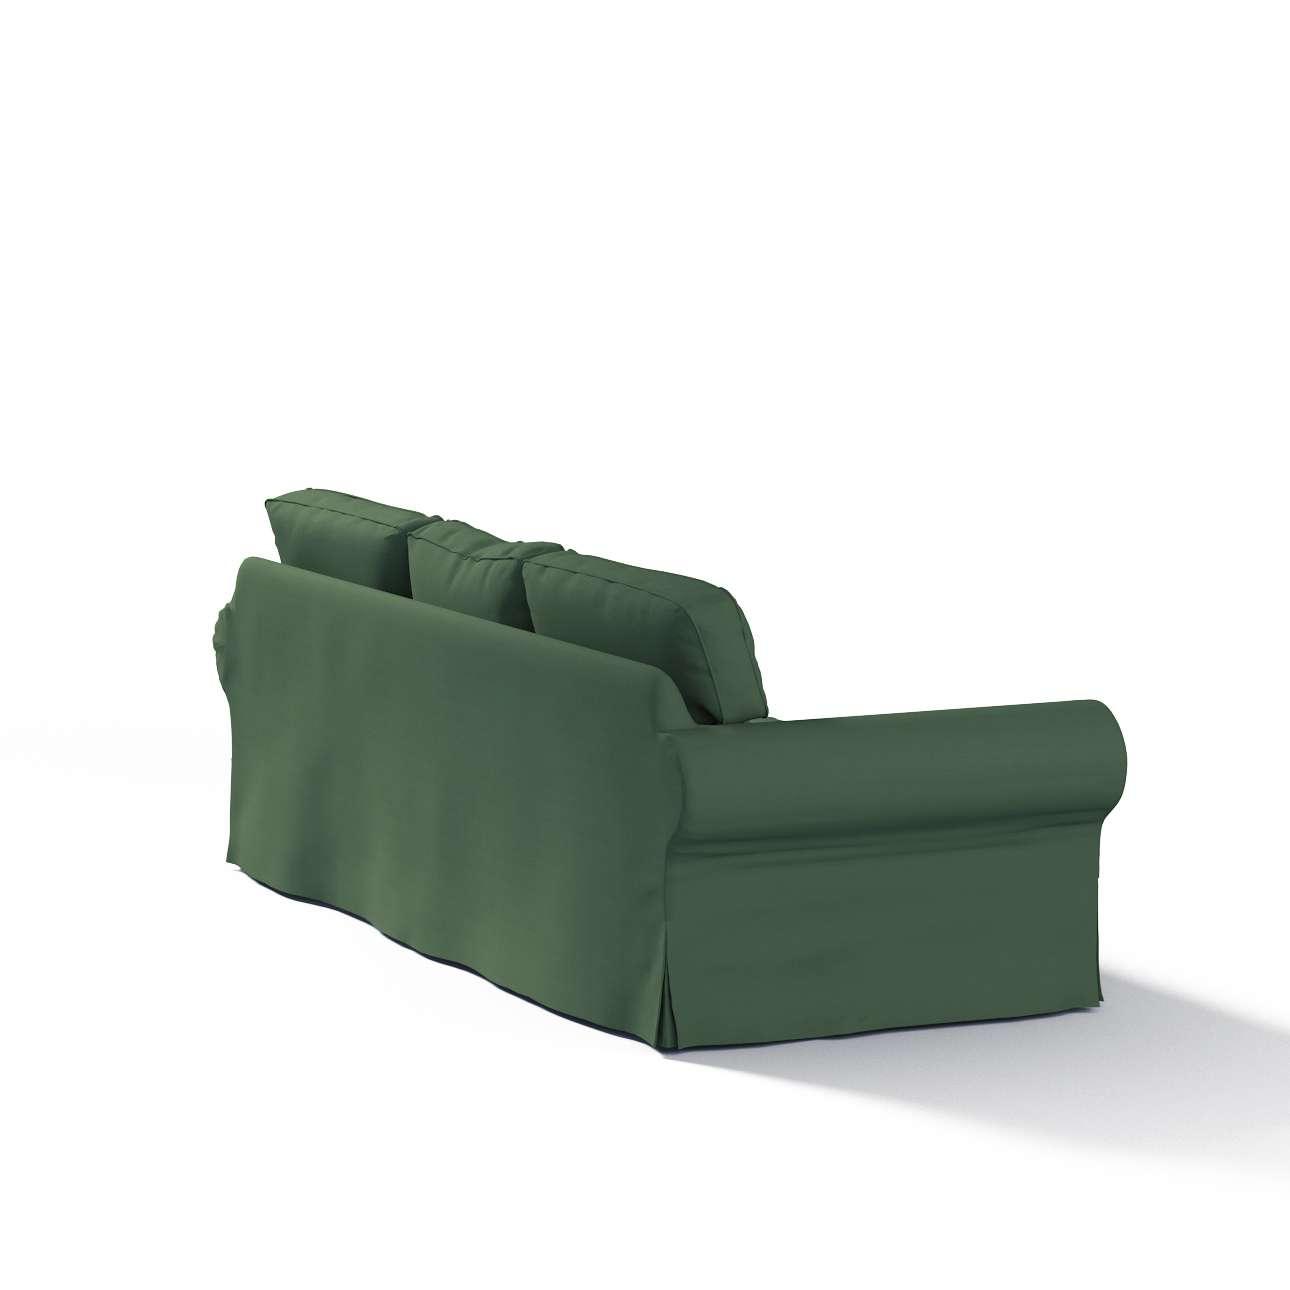 Pokrowiec na sofę Ektorp 3-osobową, rozkładaną STARY MODEL Sofa Ektorp 3-osobowa rozkładana w kolekcji Cotton Panama, tkanina: 702-06